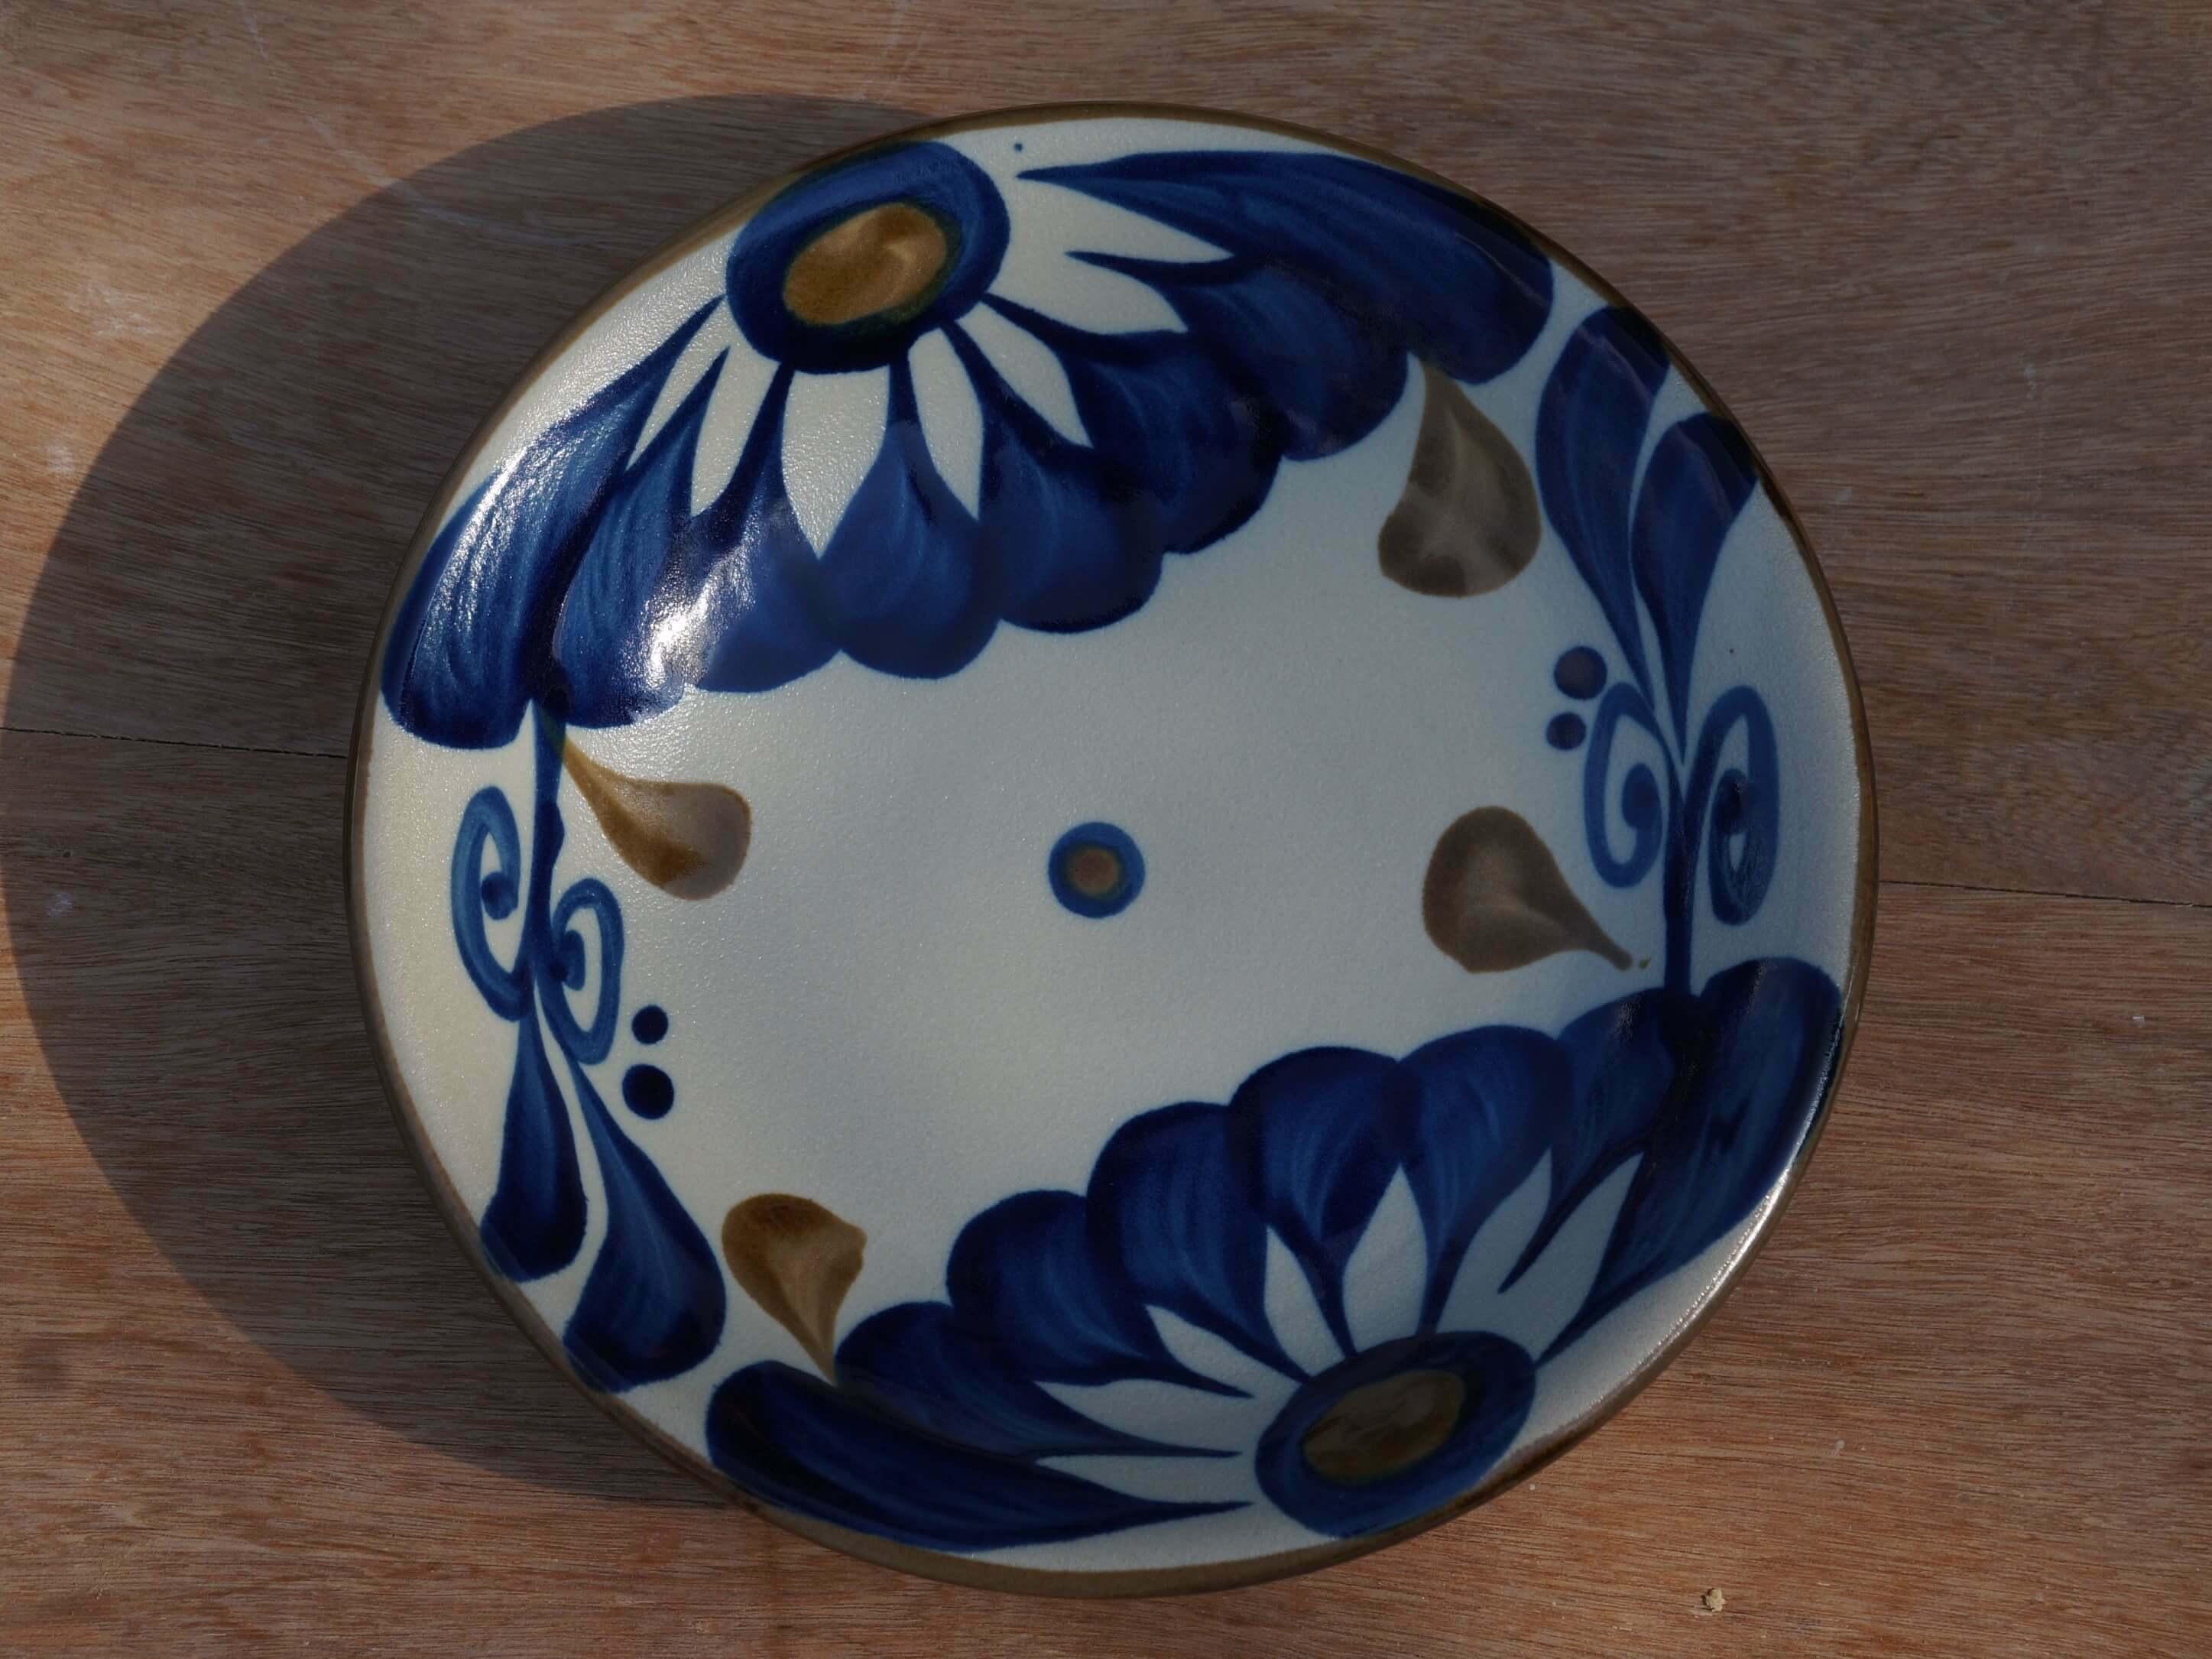 コバルトが鮮やかな唐草の6寸皿(約18cm) ヤチムン大城工房 大城雅史 やちむん